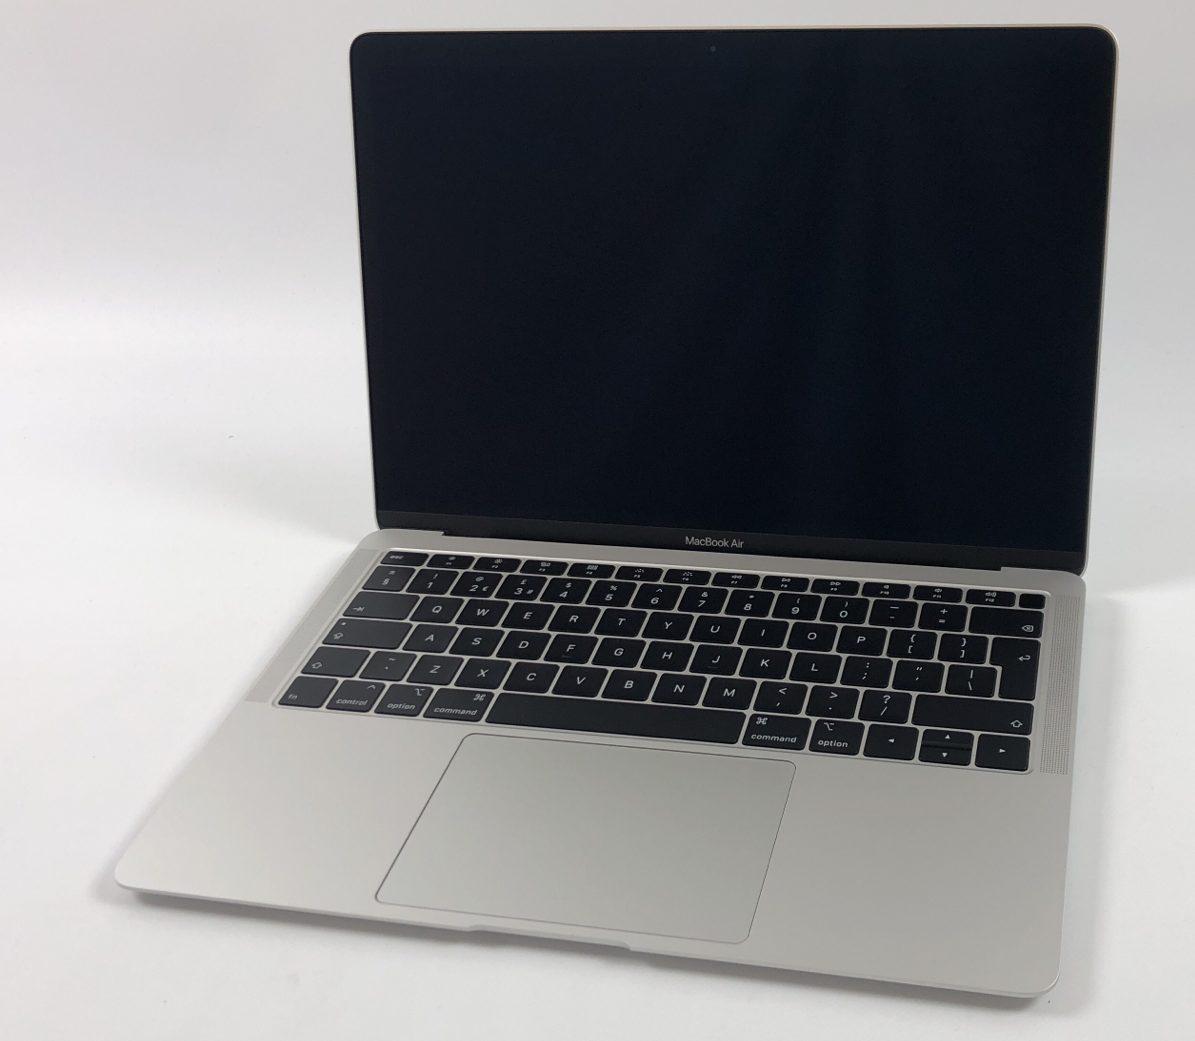 """MacBook Air 13"""" Mid 2019 (Intel Core i5 1.6 GHz 8 GB RAM 256 GB SSD), Silver, Intel Core i5 1.6 GHz, 8 GB RAM, 256 GB SSD, image 1"""